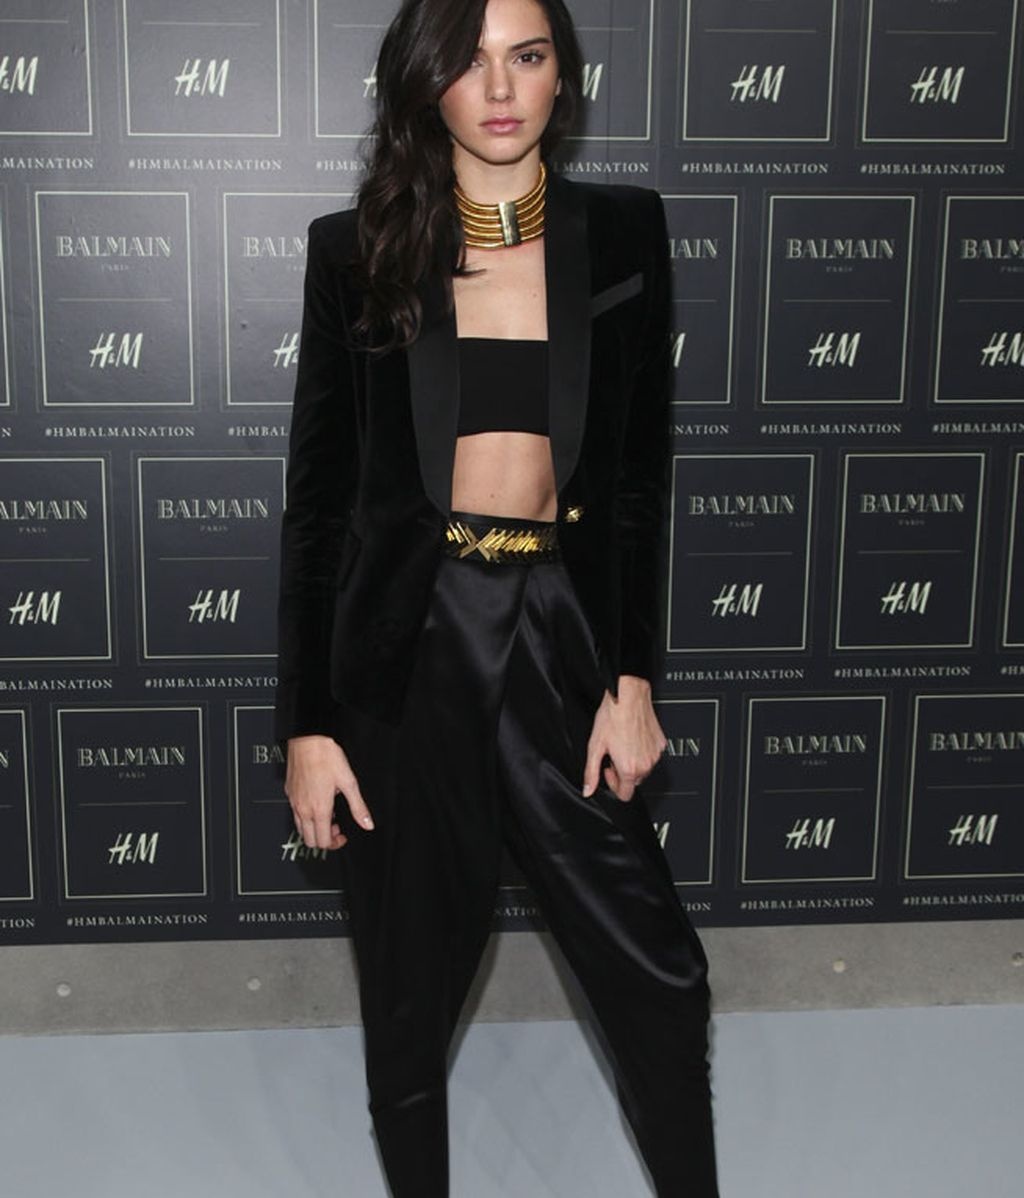 Kendall: raso, terciopelo y top negro frente a los complementos dorados